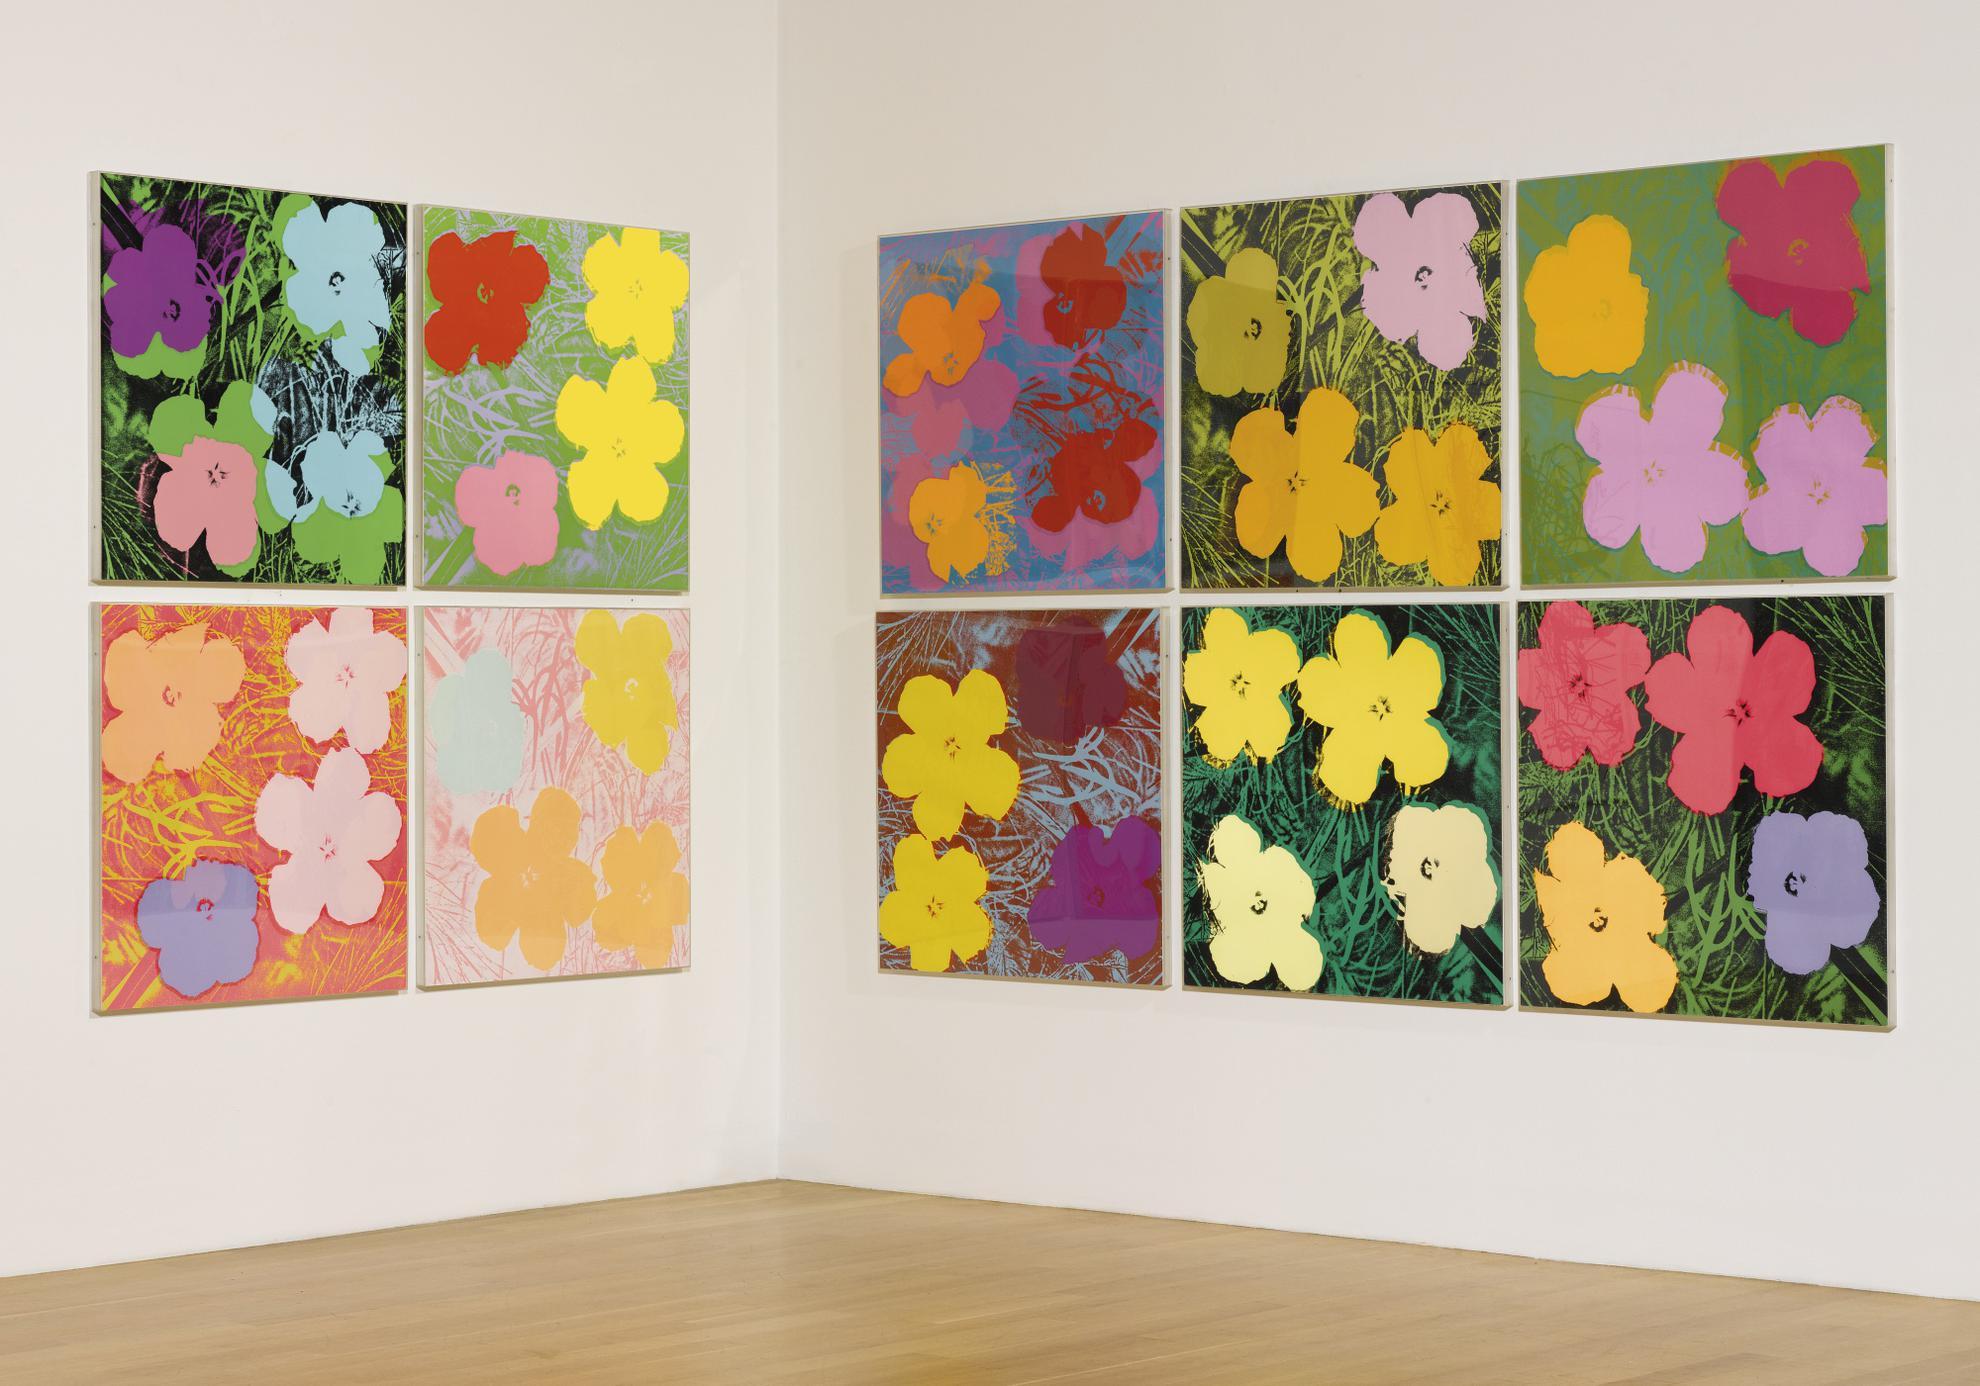 Andy Warhol-Flowers (F. & S. II.64-73)-1970